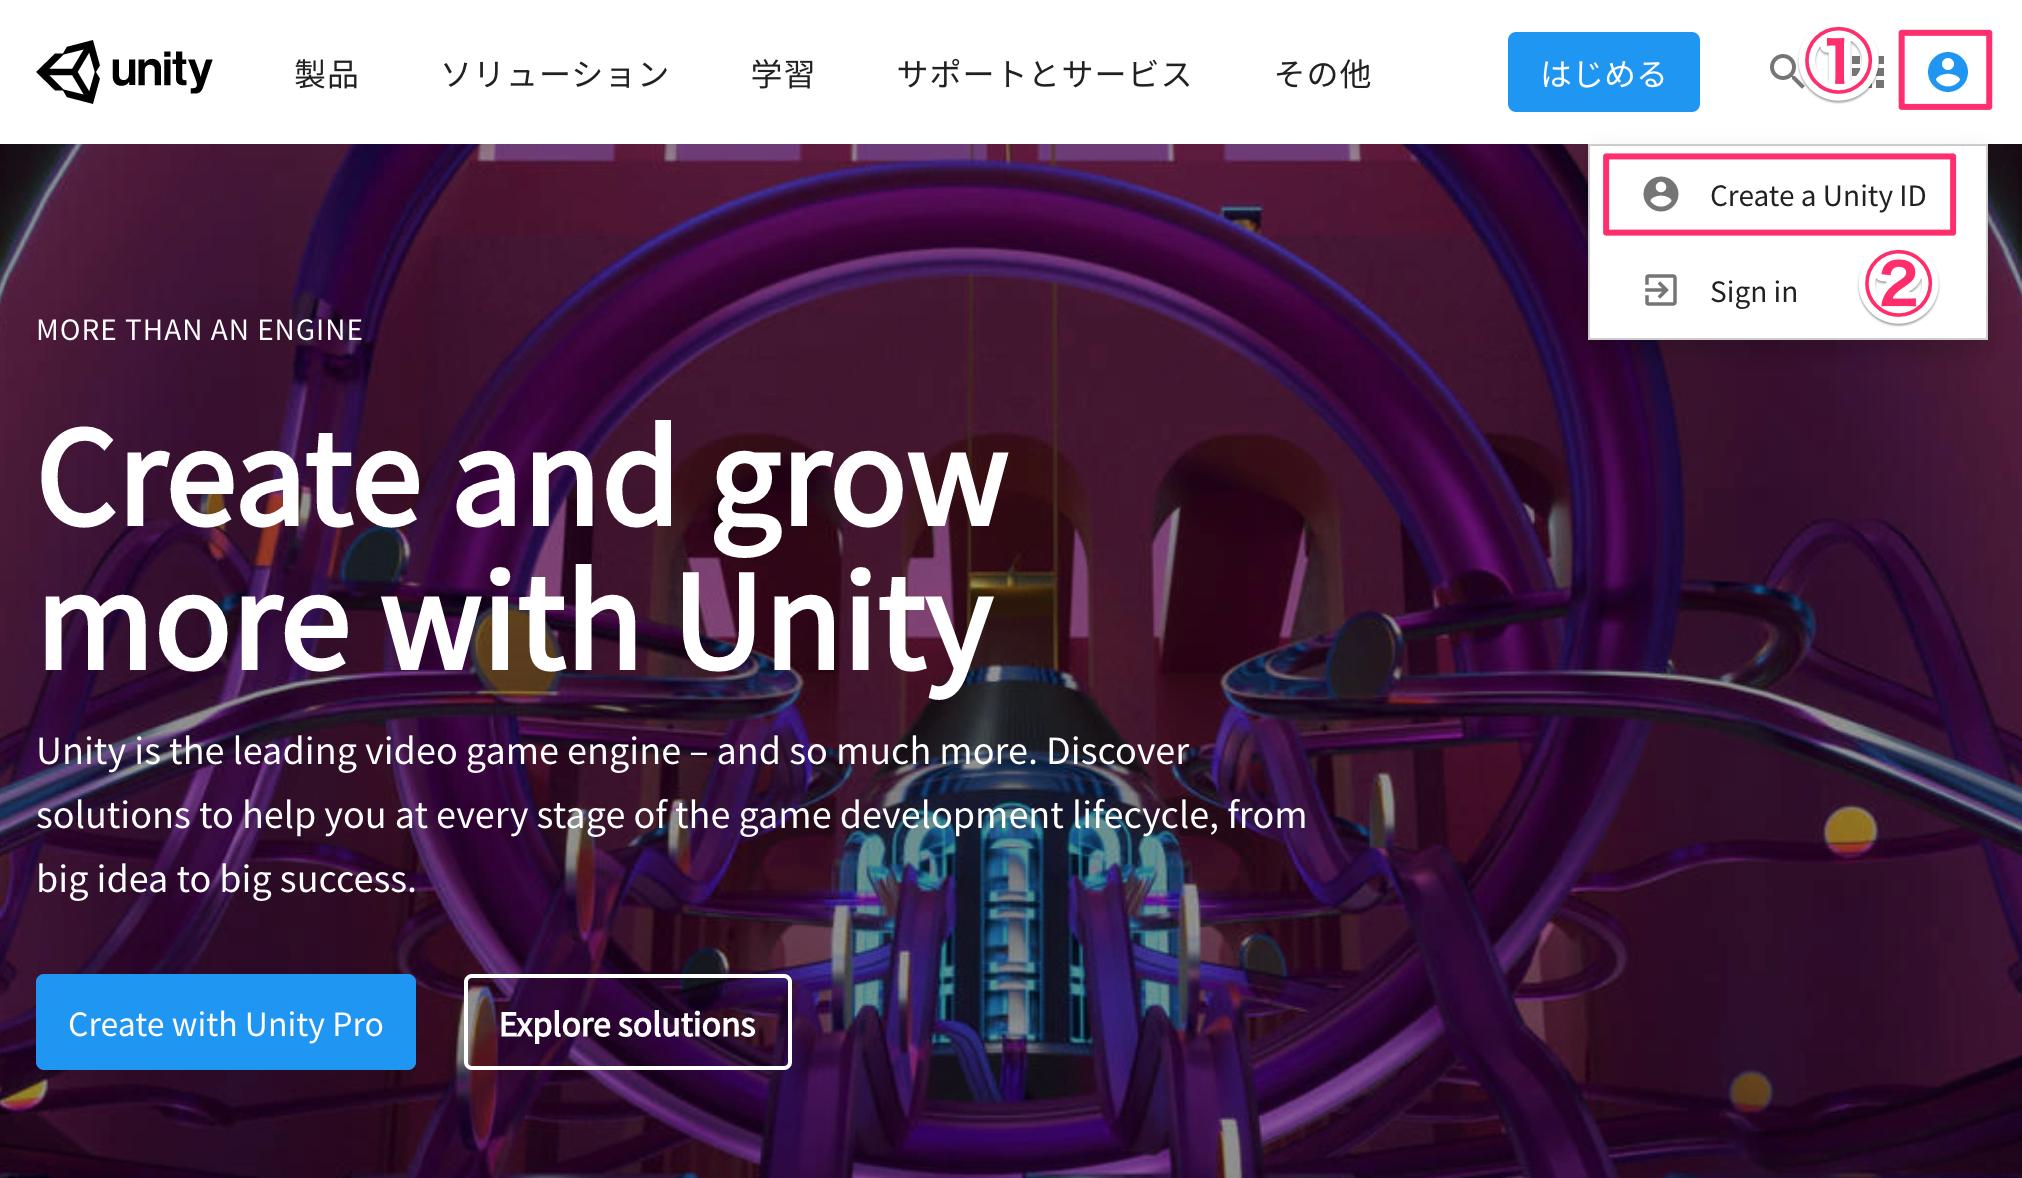 【2021年版】UnityIDの作り方※全画面キャプチャ付_0